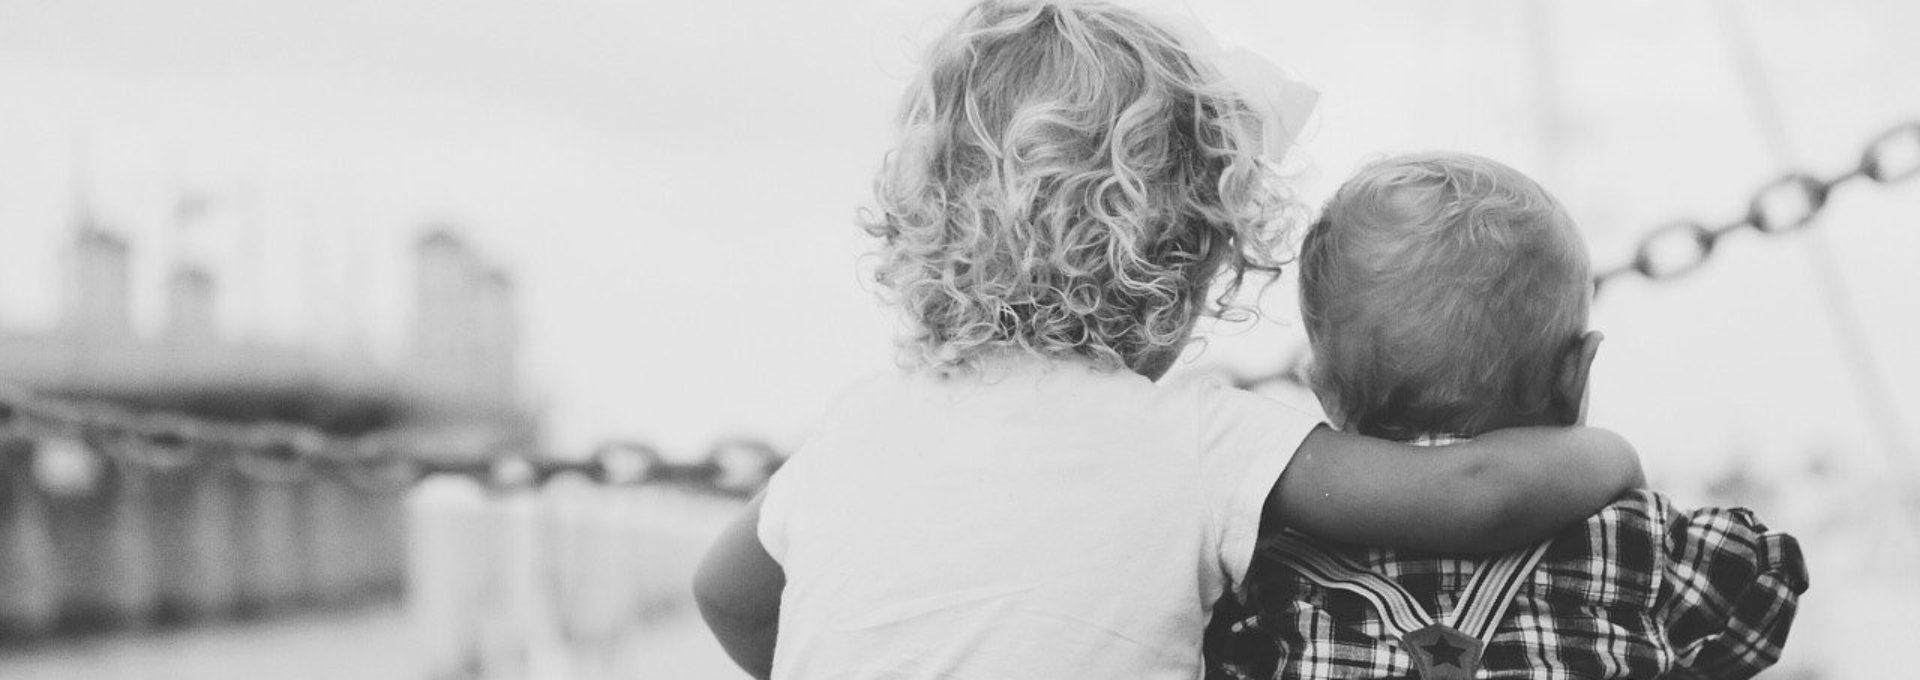 Photo: deux enfants assis se tenant par le cou.